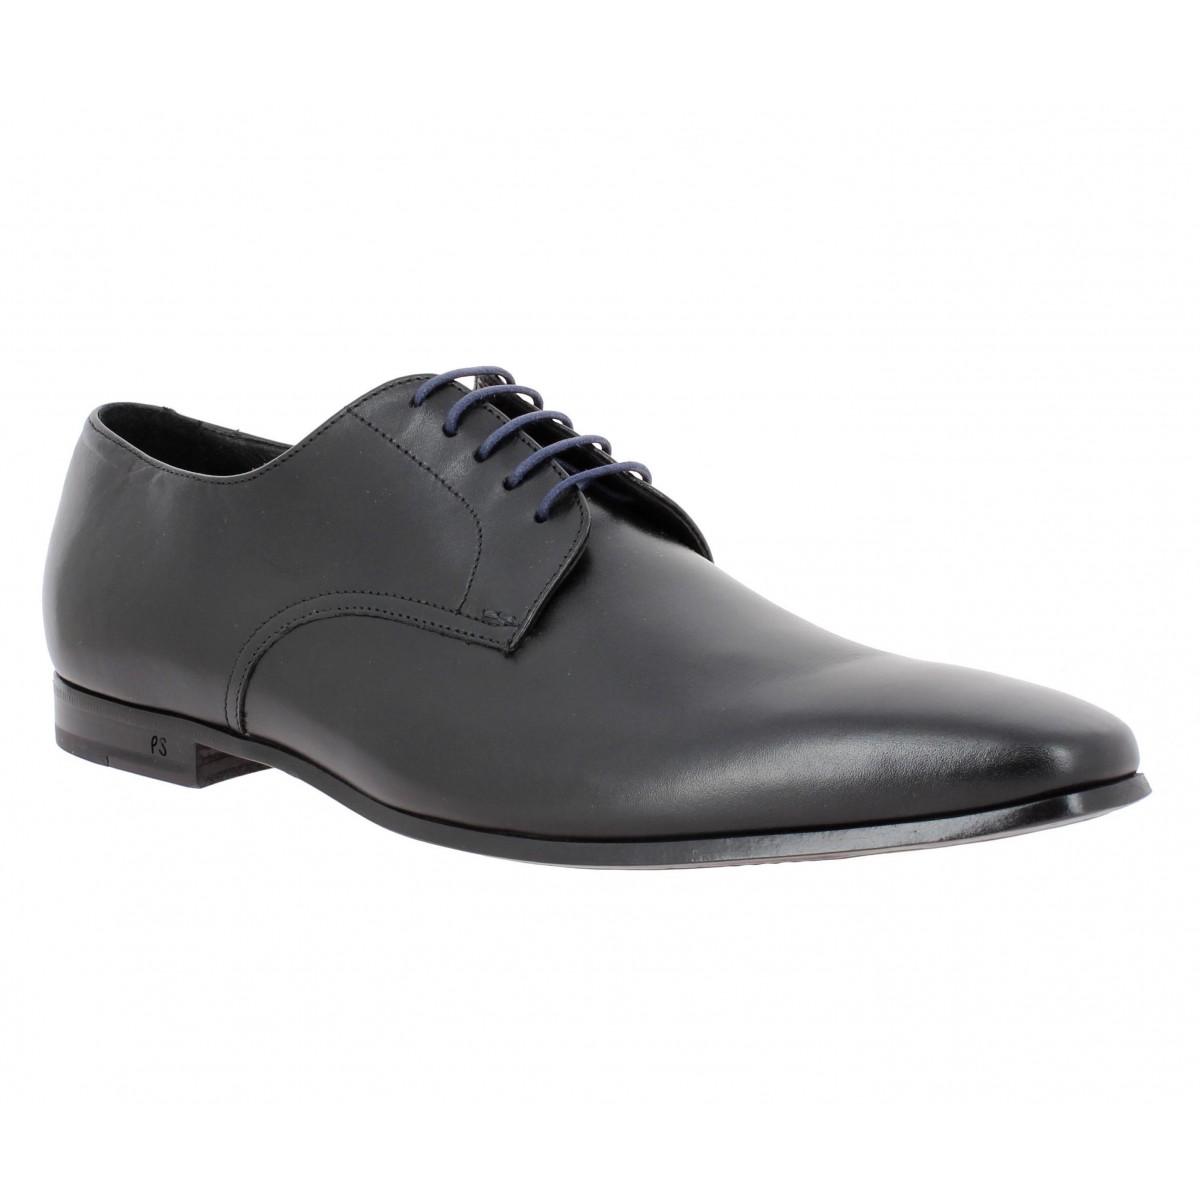 Chaussures à lacets PAUL SMITH Taylor cuir Homme Noir